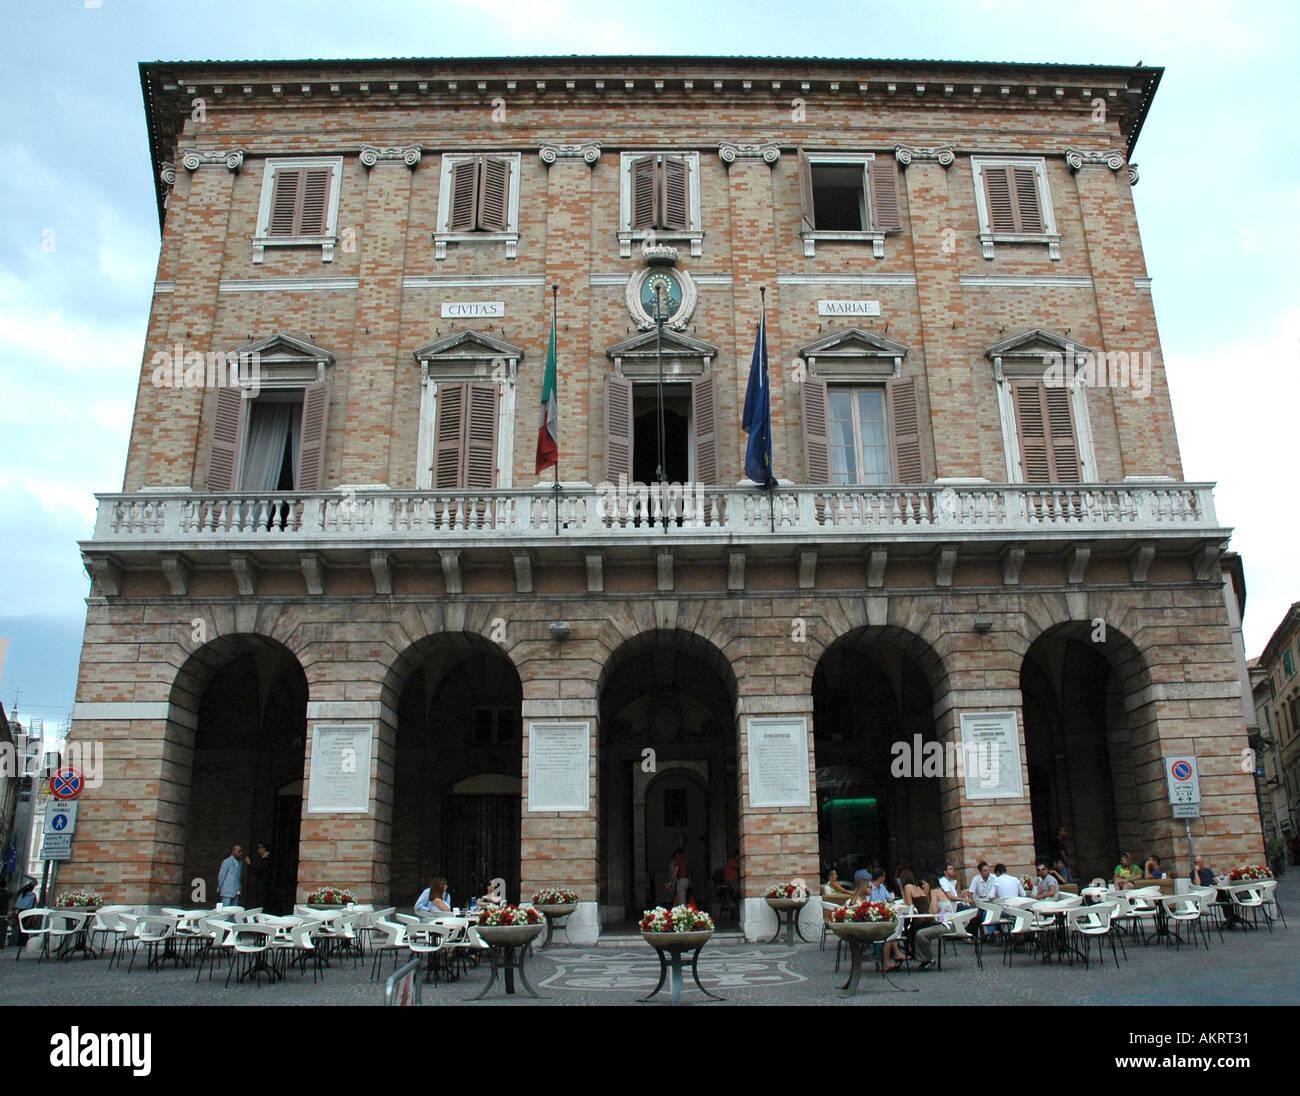 Macerata Town Hall Palazzo dei Priori Piazza della Liberta Italy - Stock Image